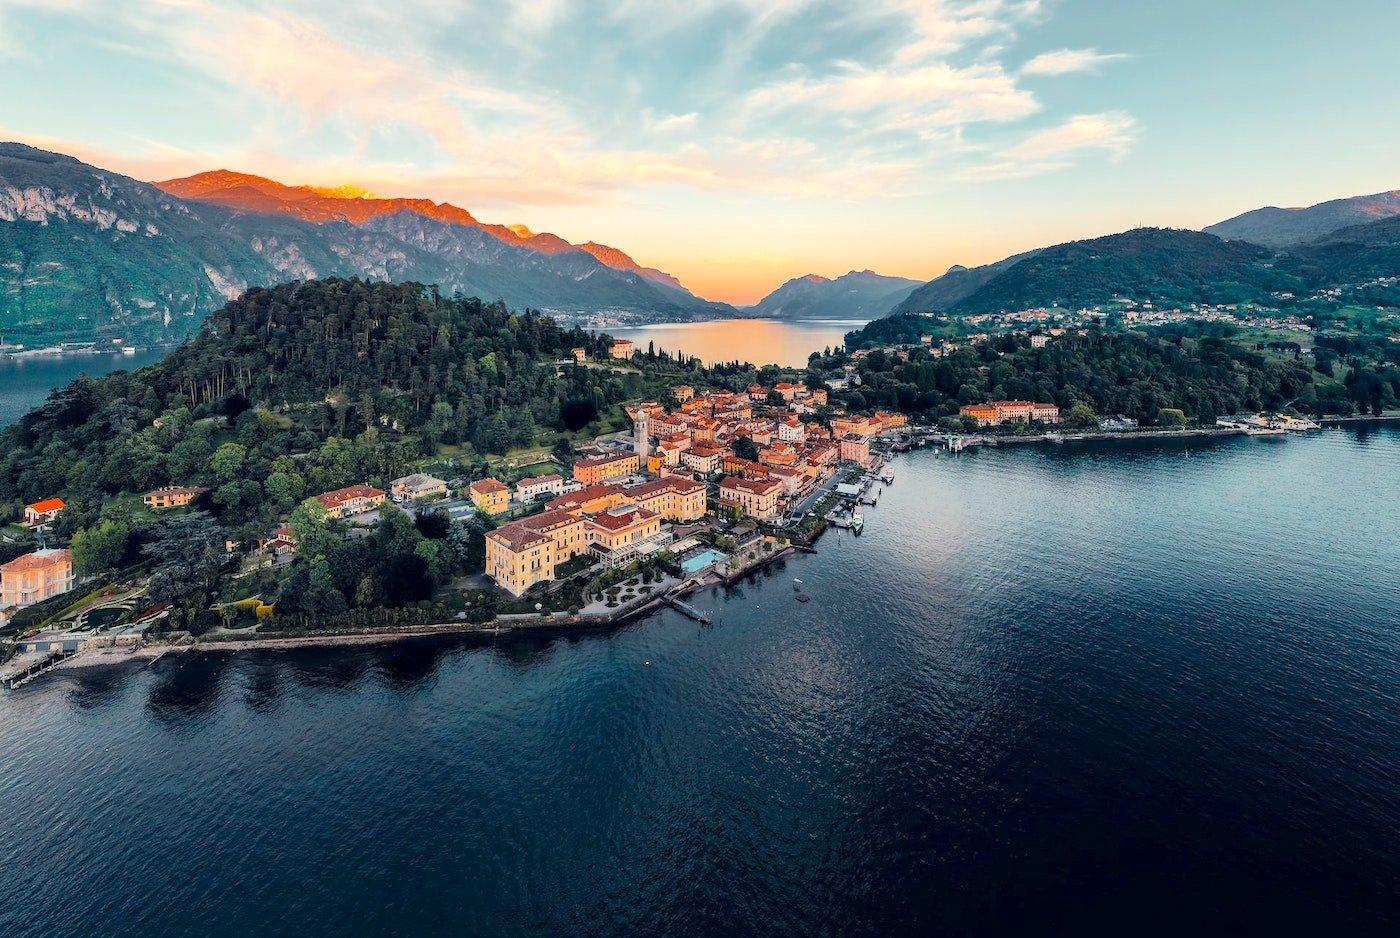 Die besten Hotels an italienischen Seen